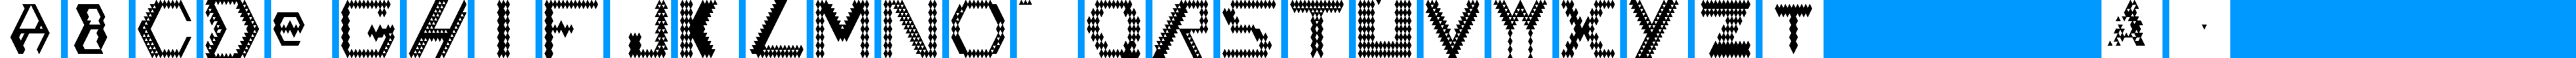 Particip-a-type v.187